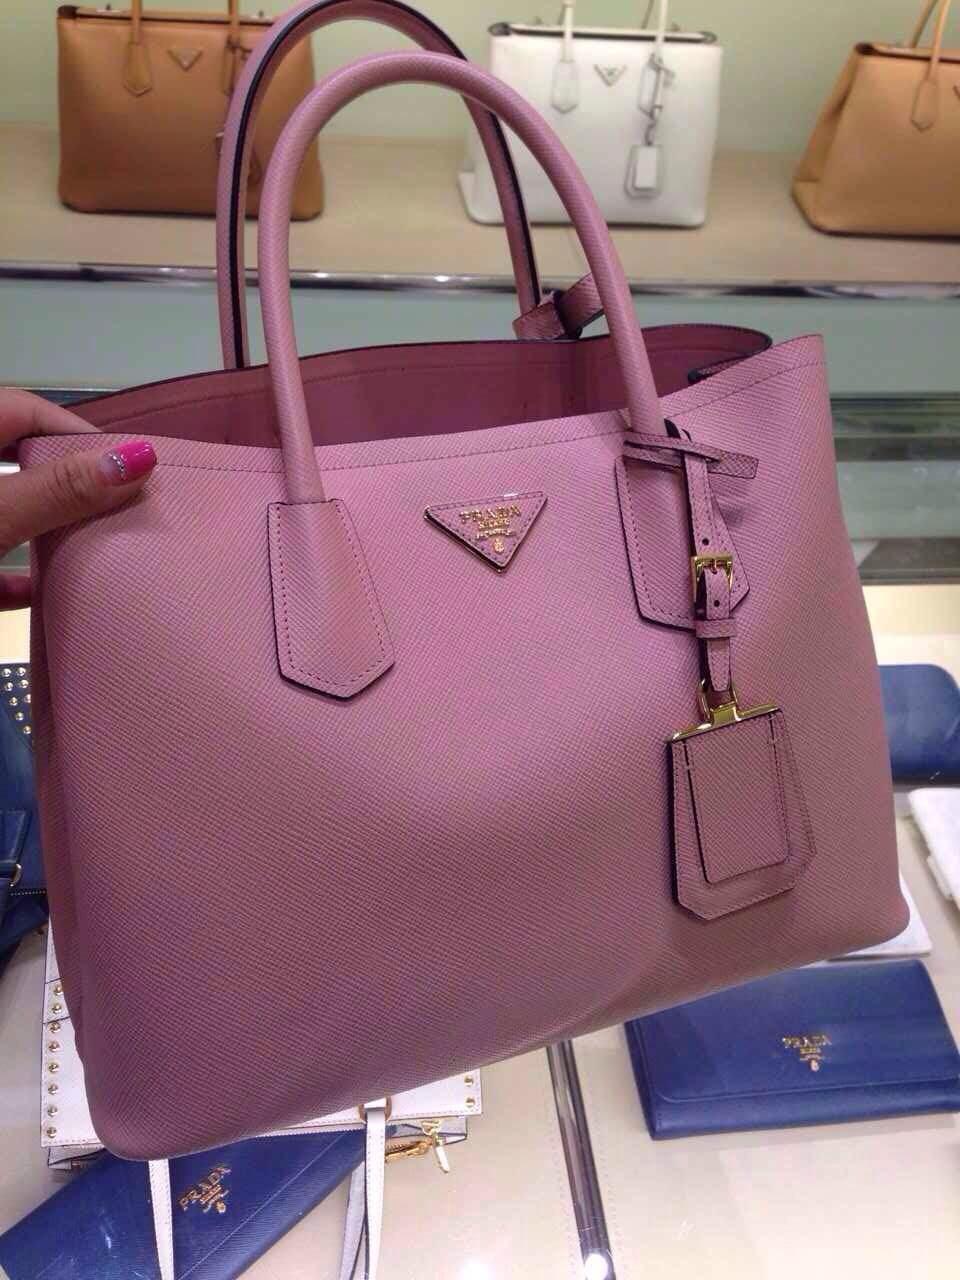 saffiano chain crossbody wallet prada - prada saffiano tote pink, prada red handbag